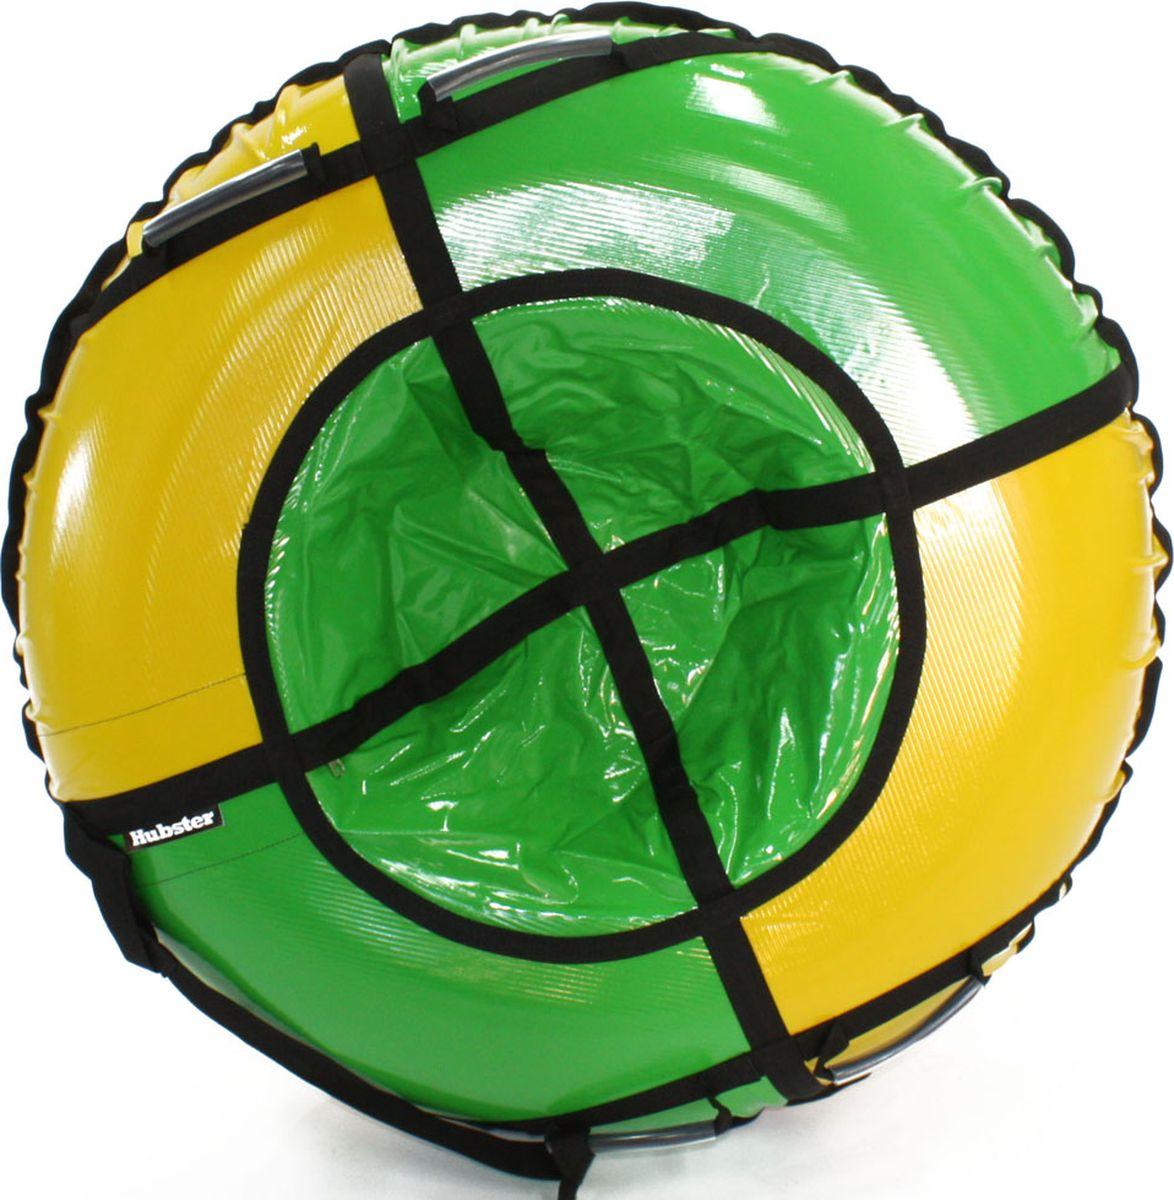 Тюбинг Hubster Sport Plus, цвет: желтый, зеленый, диаметр 105 смво4190-1Любимая детская зимняя забава - это кататься с горки. А катание на тюбинге надолго запомнится вам и вашим близким. Свежий воздух, веселая компания, веселые развлечения - эти моменты вы будете вспоминать еще долгое время.Материал верха - ПВХ армированный, плотность 650 г/мМатериал дна - ПВХ (усиленная скользкая ткань), плотность 650 г/м Диаметр в сдутом виде - 105 см Диаметр в надутом виде - 94смРучки усиленные (нашиты на дополнительную стропу) Кол-во ручек - 4 шт.Молния скрытая, на сиденьеКрепление троса - наружная петляДлина троса - 1 метрНагрузка - до 120 кгКомплект поставки - ватрушка, трос, камера<br)Тюбинг не предназначен для буксировки механическими или транспортными средствами (подъемники, канатные дороги, лебедки, автомобиль, снегоход, квадроцикл и т.д.)